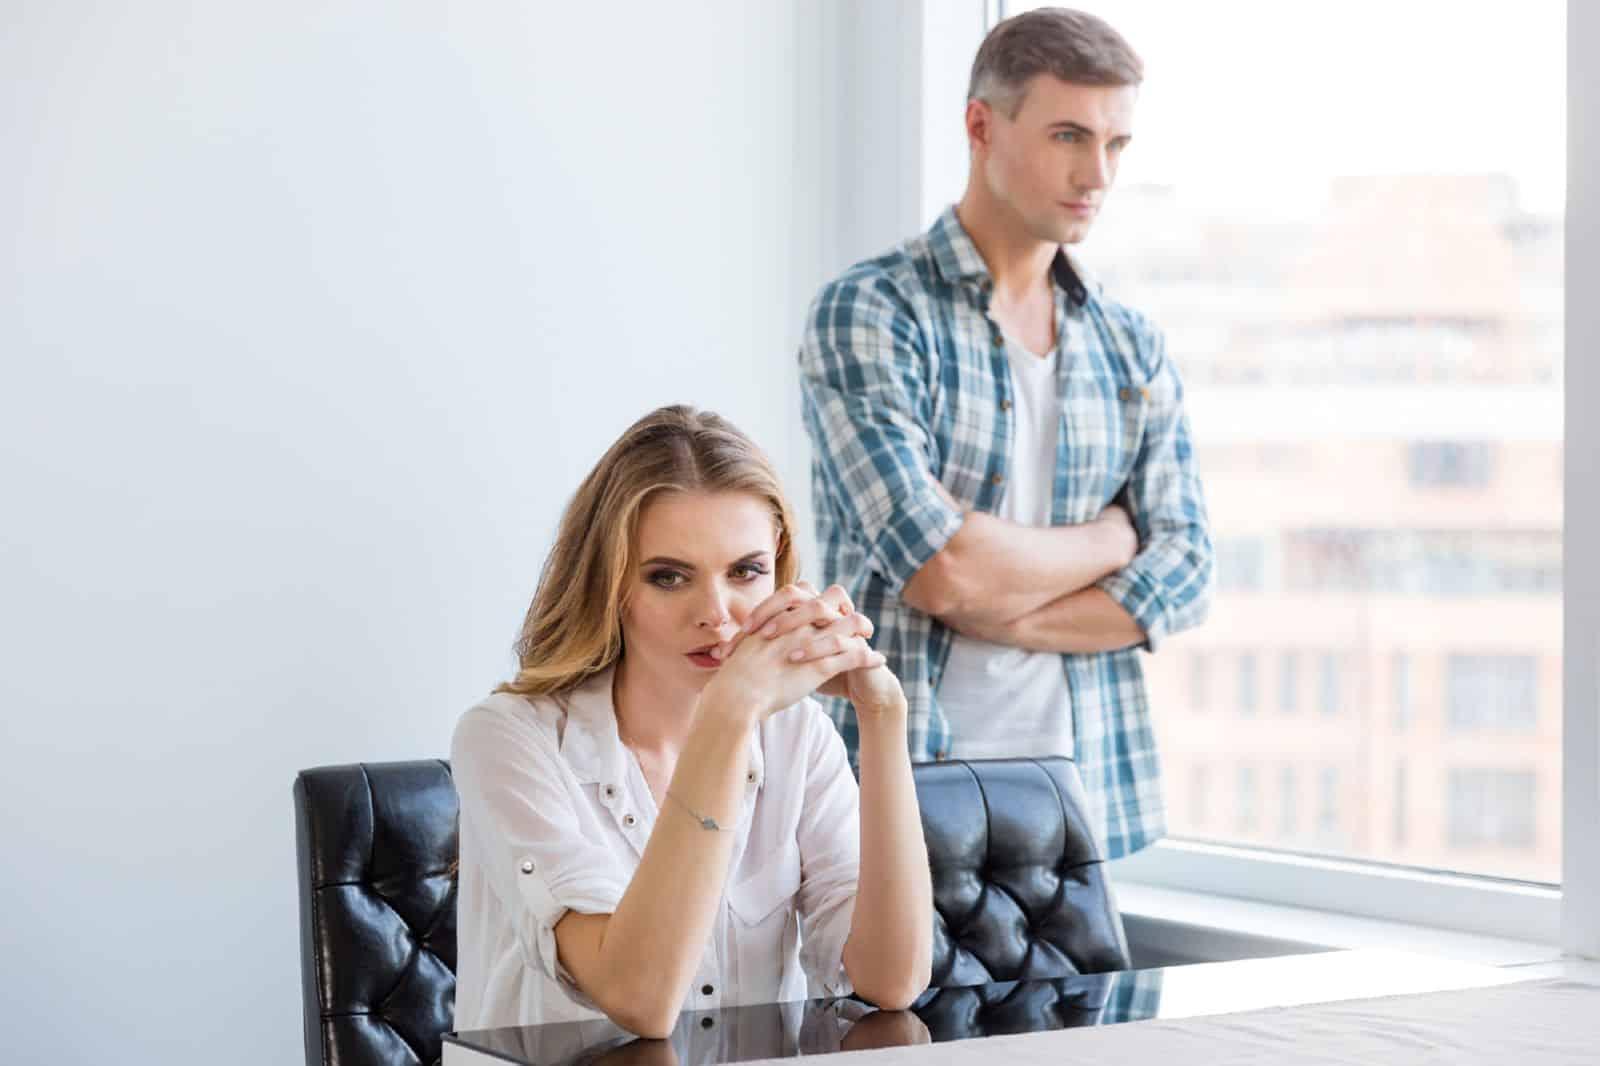 Можно ли подавать заявление на развод одному из супругов Советник